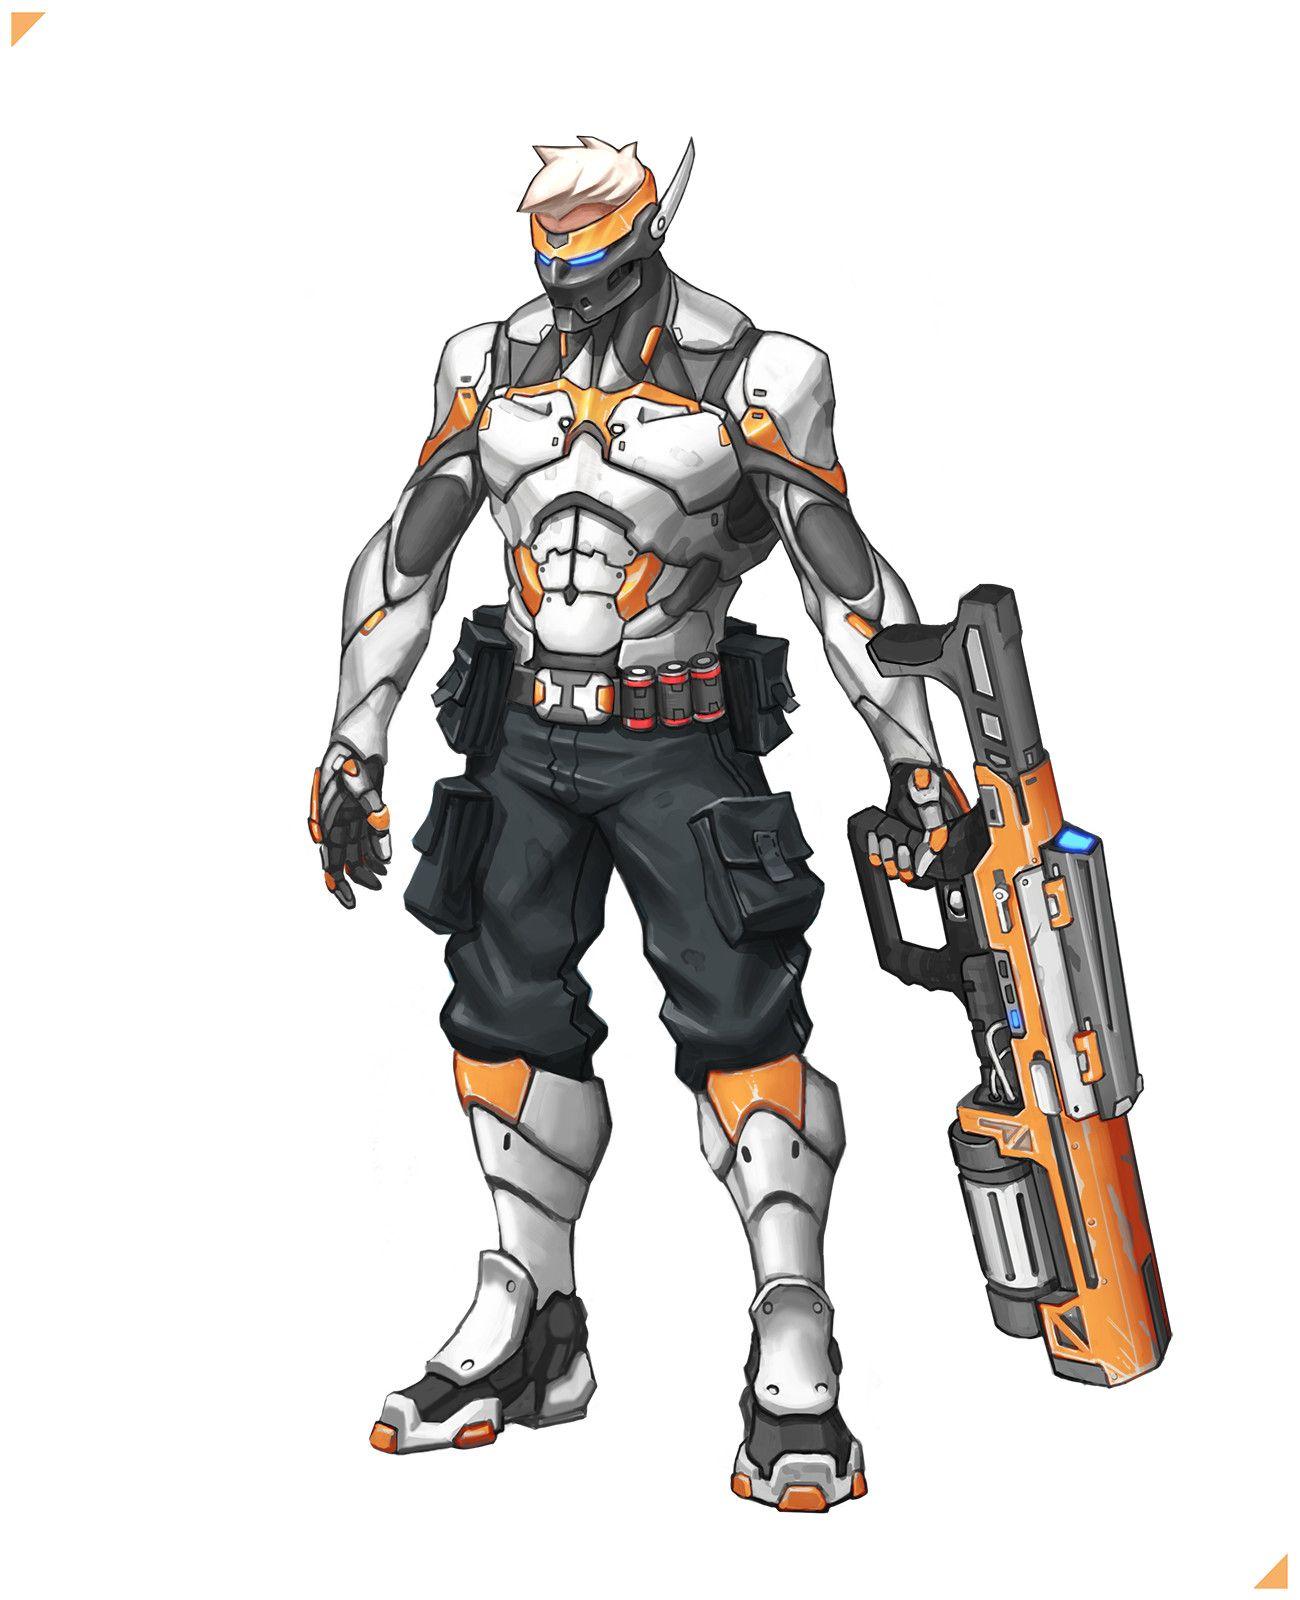 Overwatch Character Design Concept Art : Artstation soldier skin concept george vostrikov